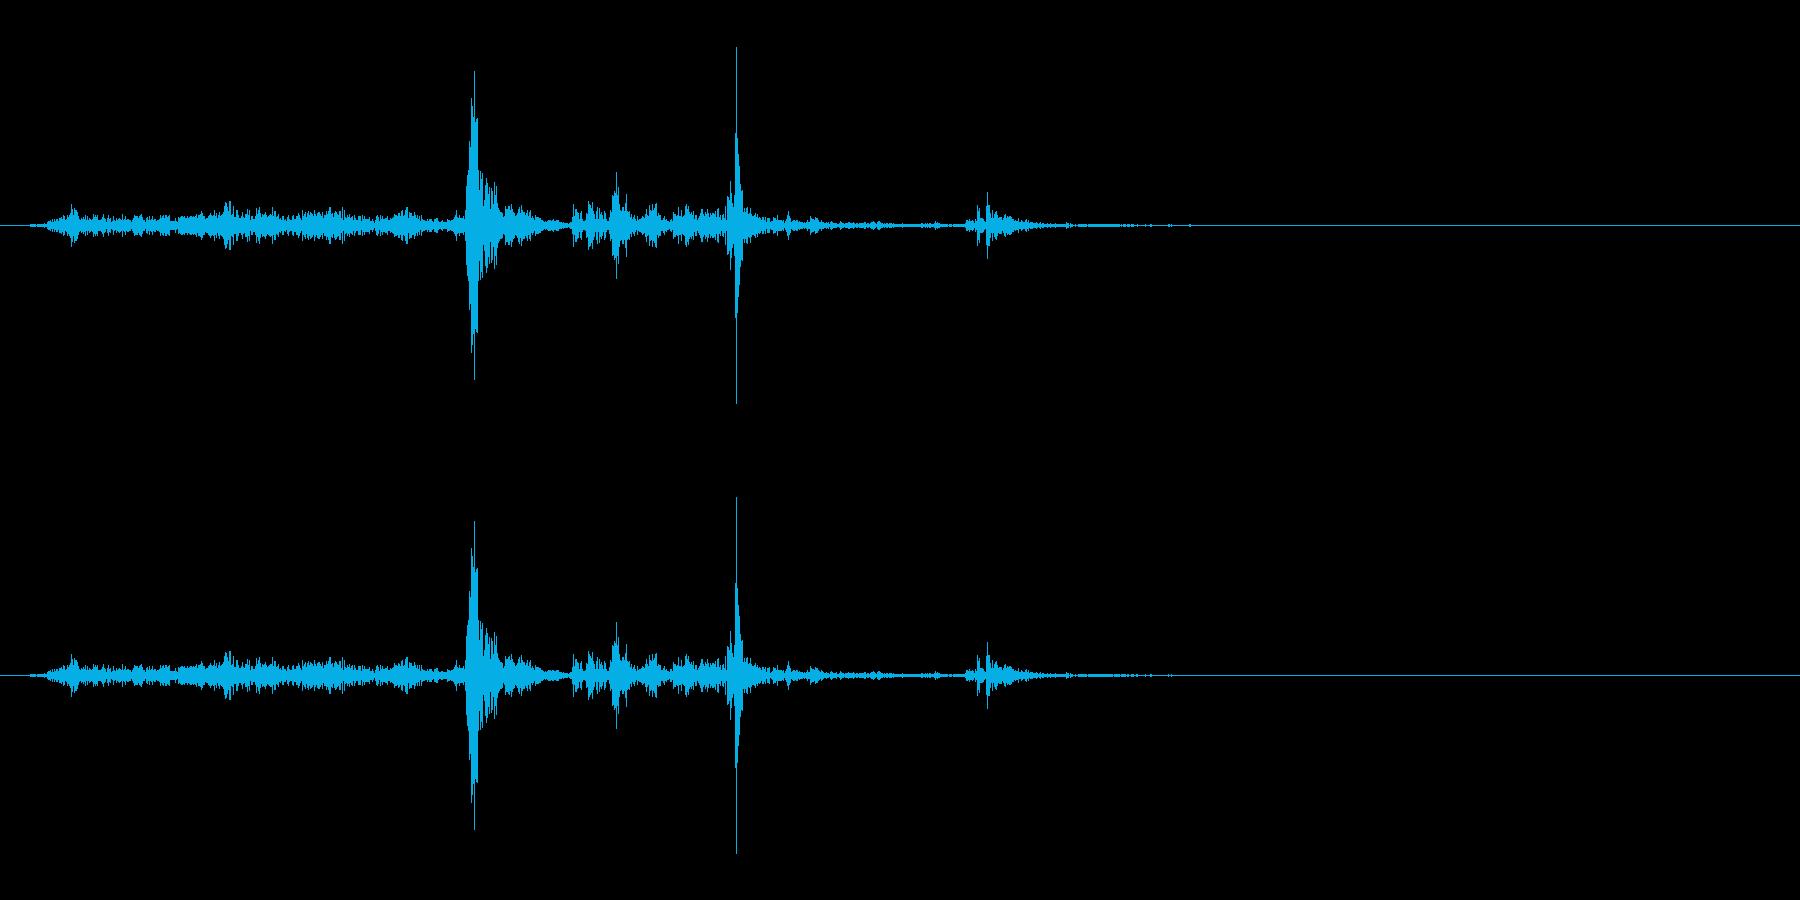 装備/銃・ライフル/FPS/リロード_1の再生済みの波形